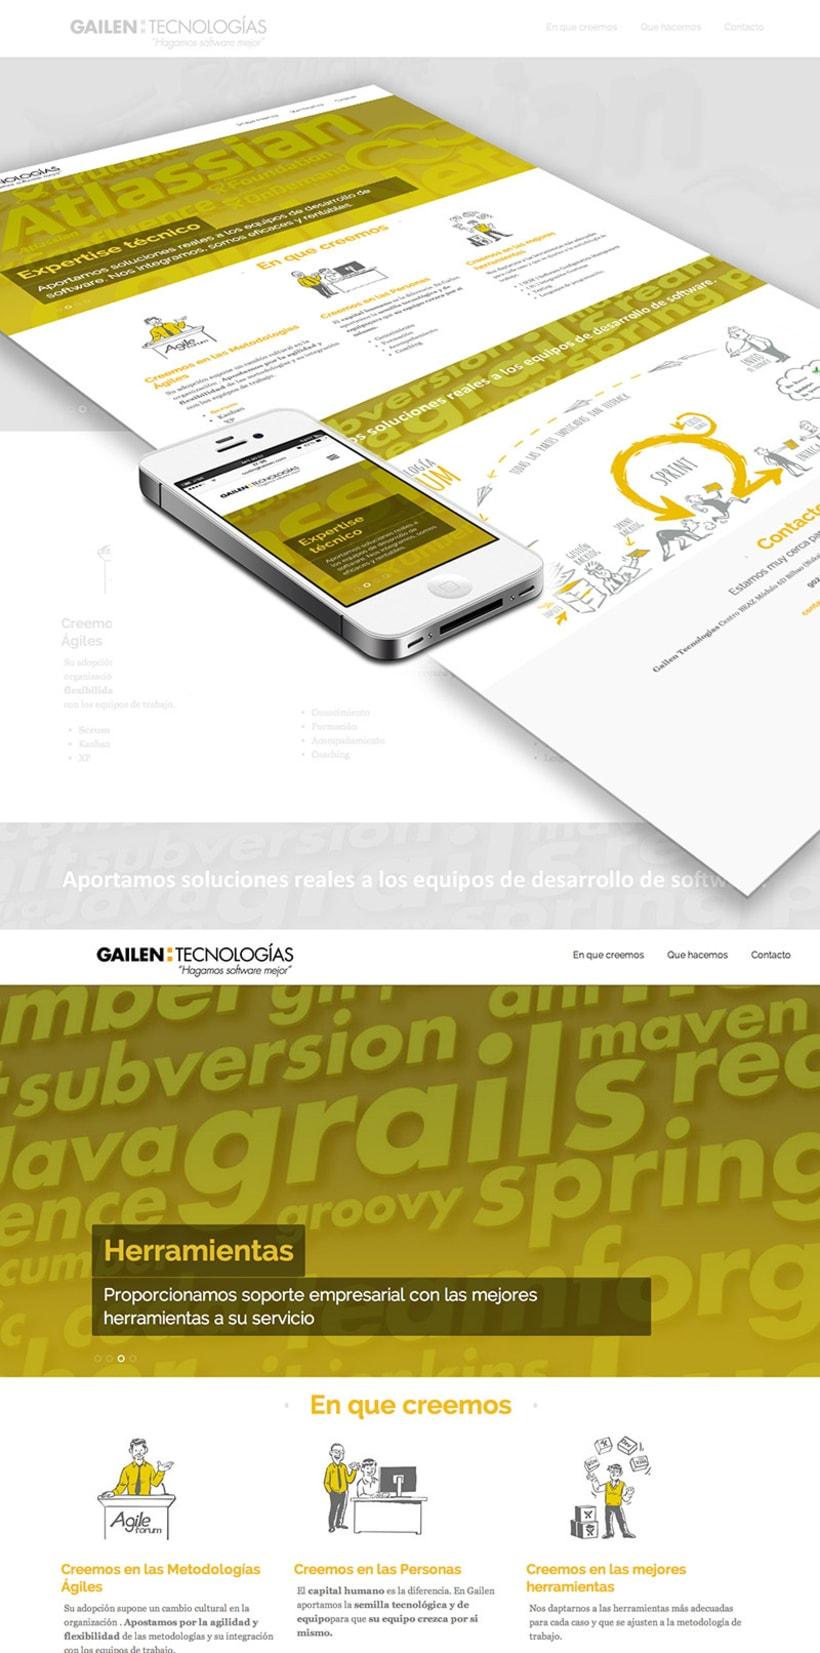 Web - Diseño corporativo UX y GUI 0